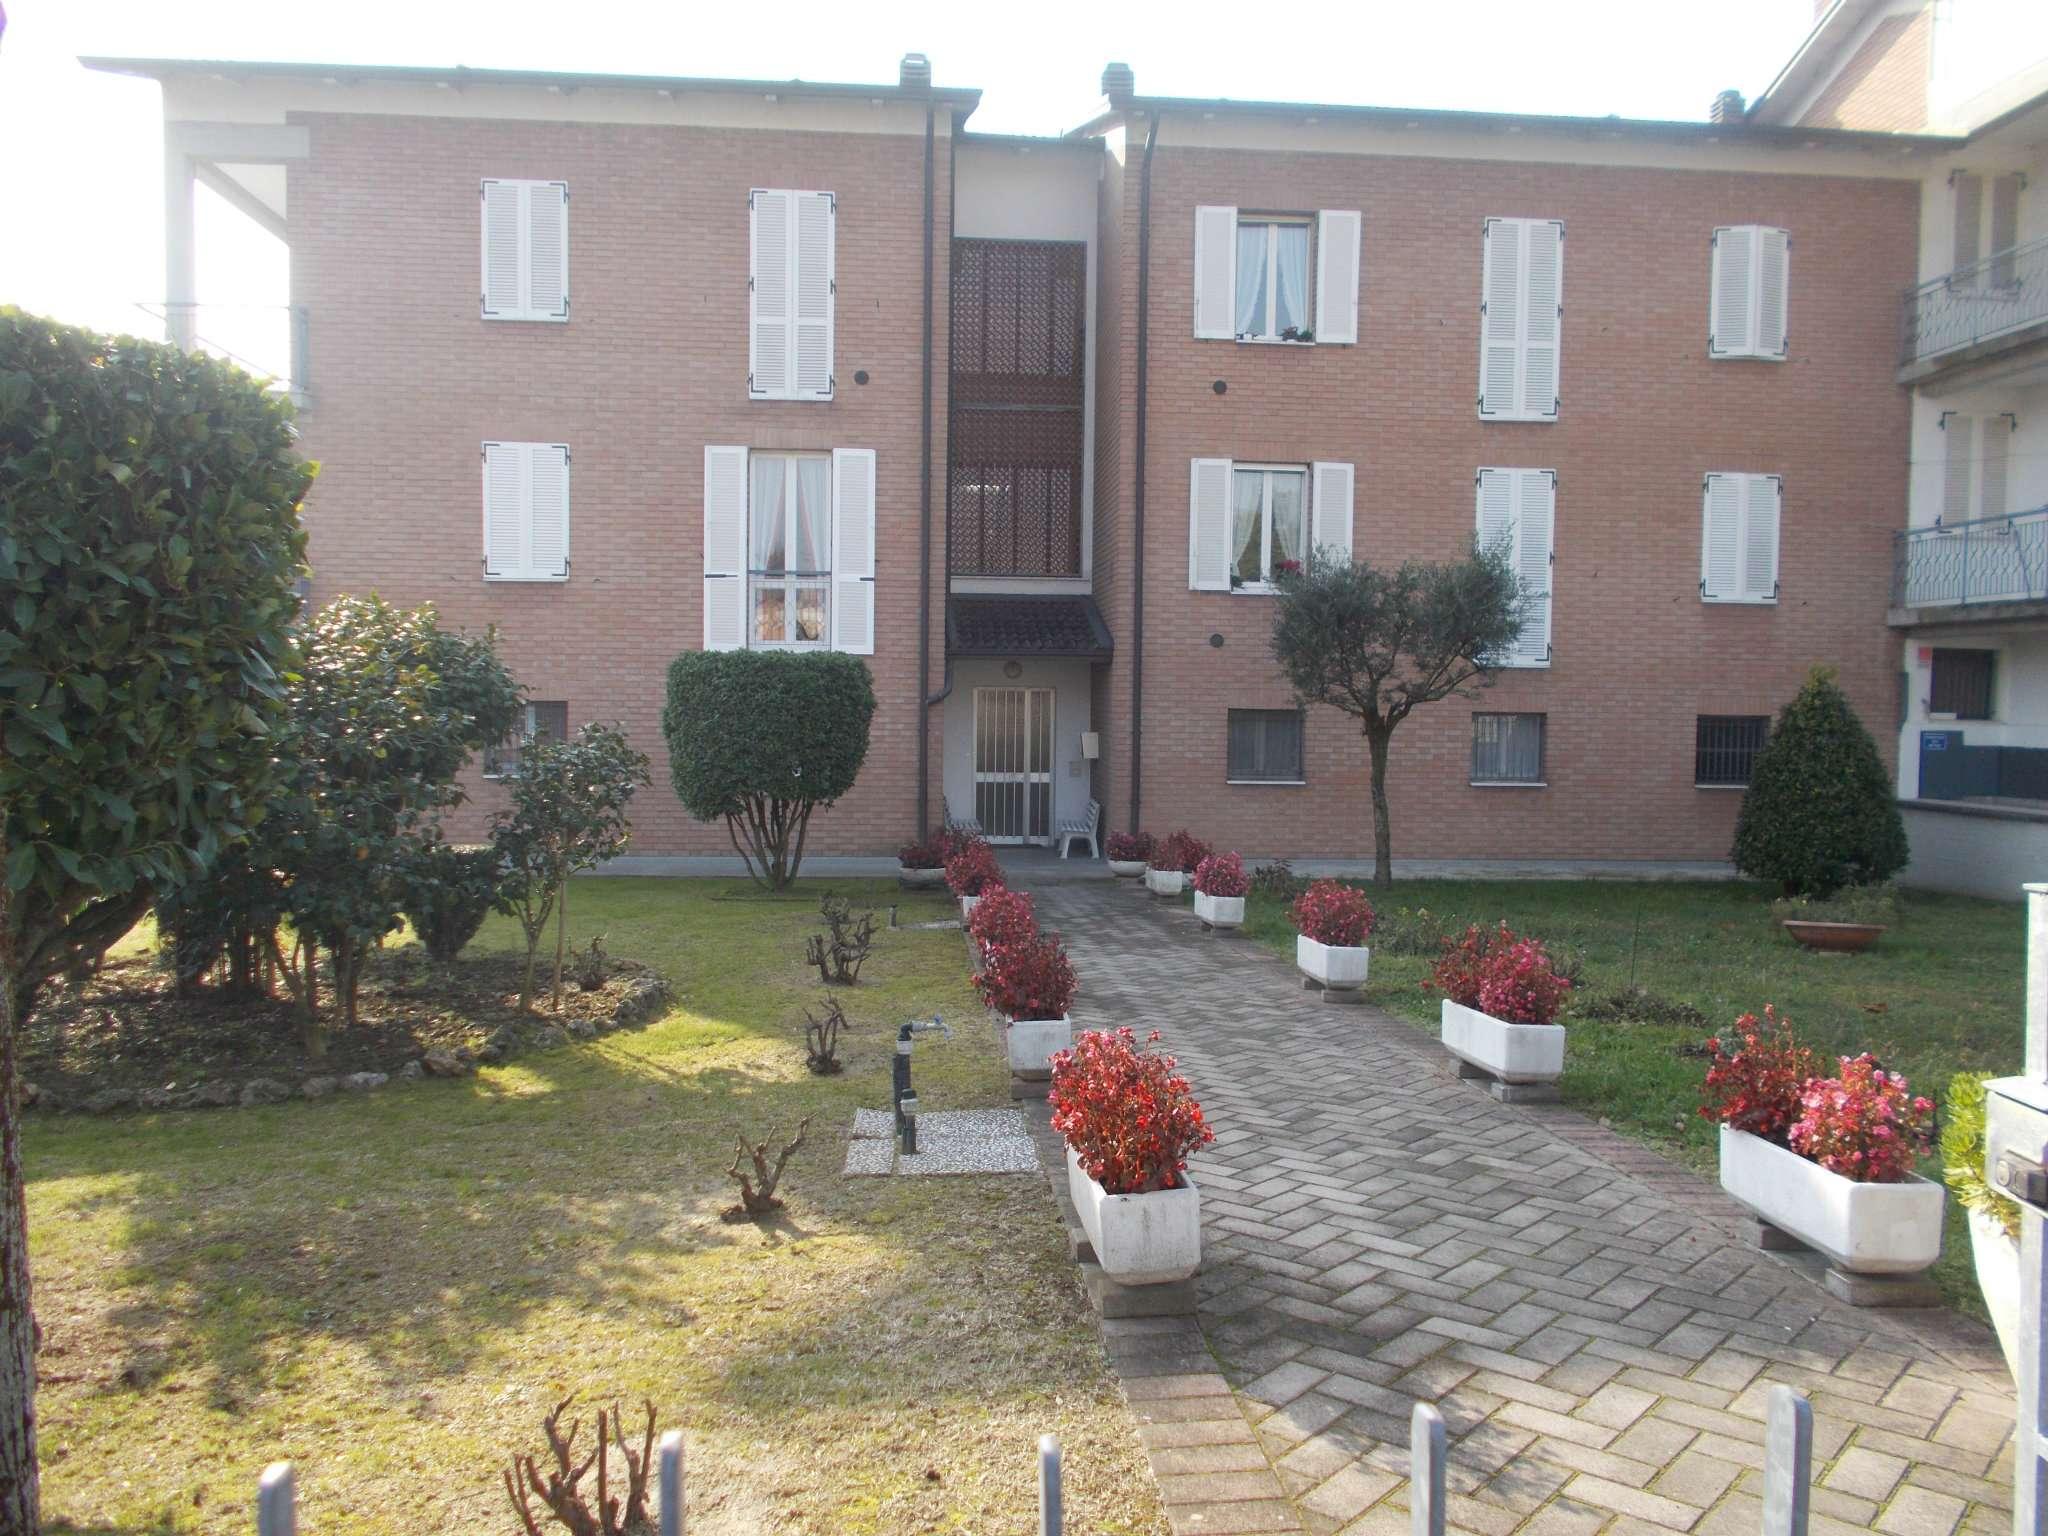 Appartamento in vendita a Quattro Castella, 3 locali, prezzo € 100.000   CambioCasa.it